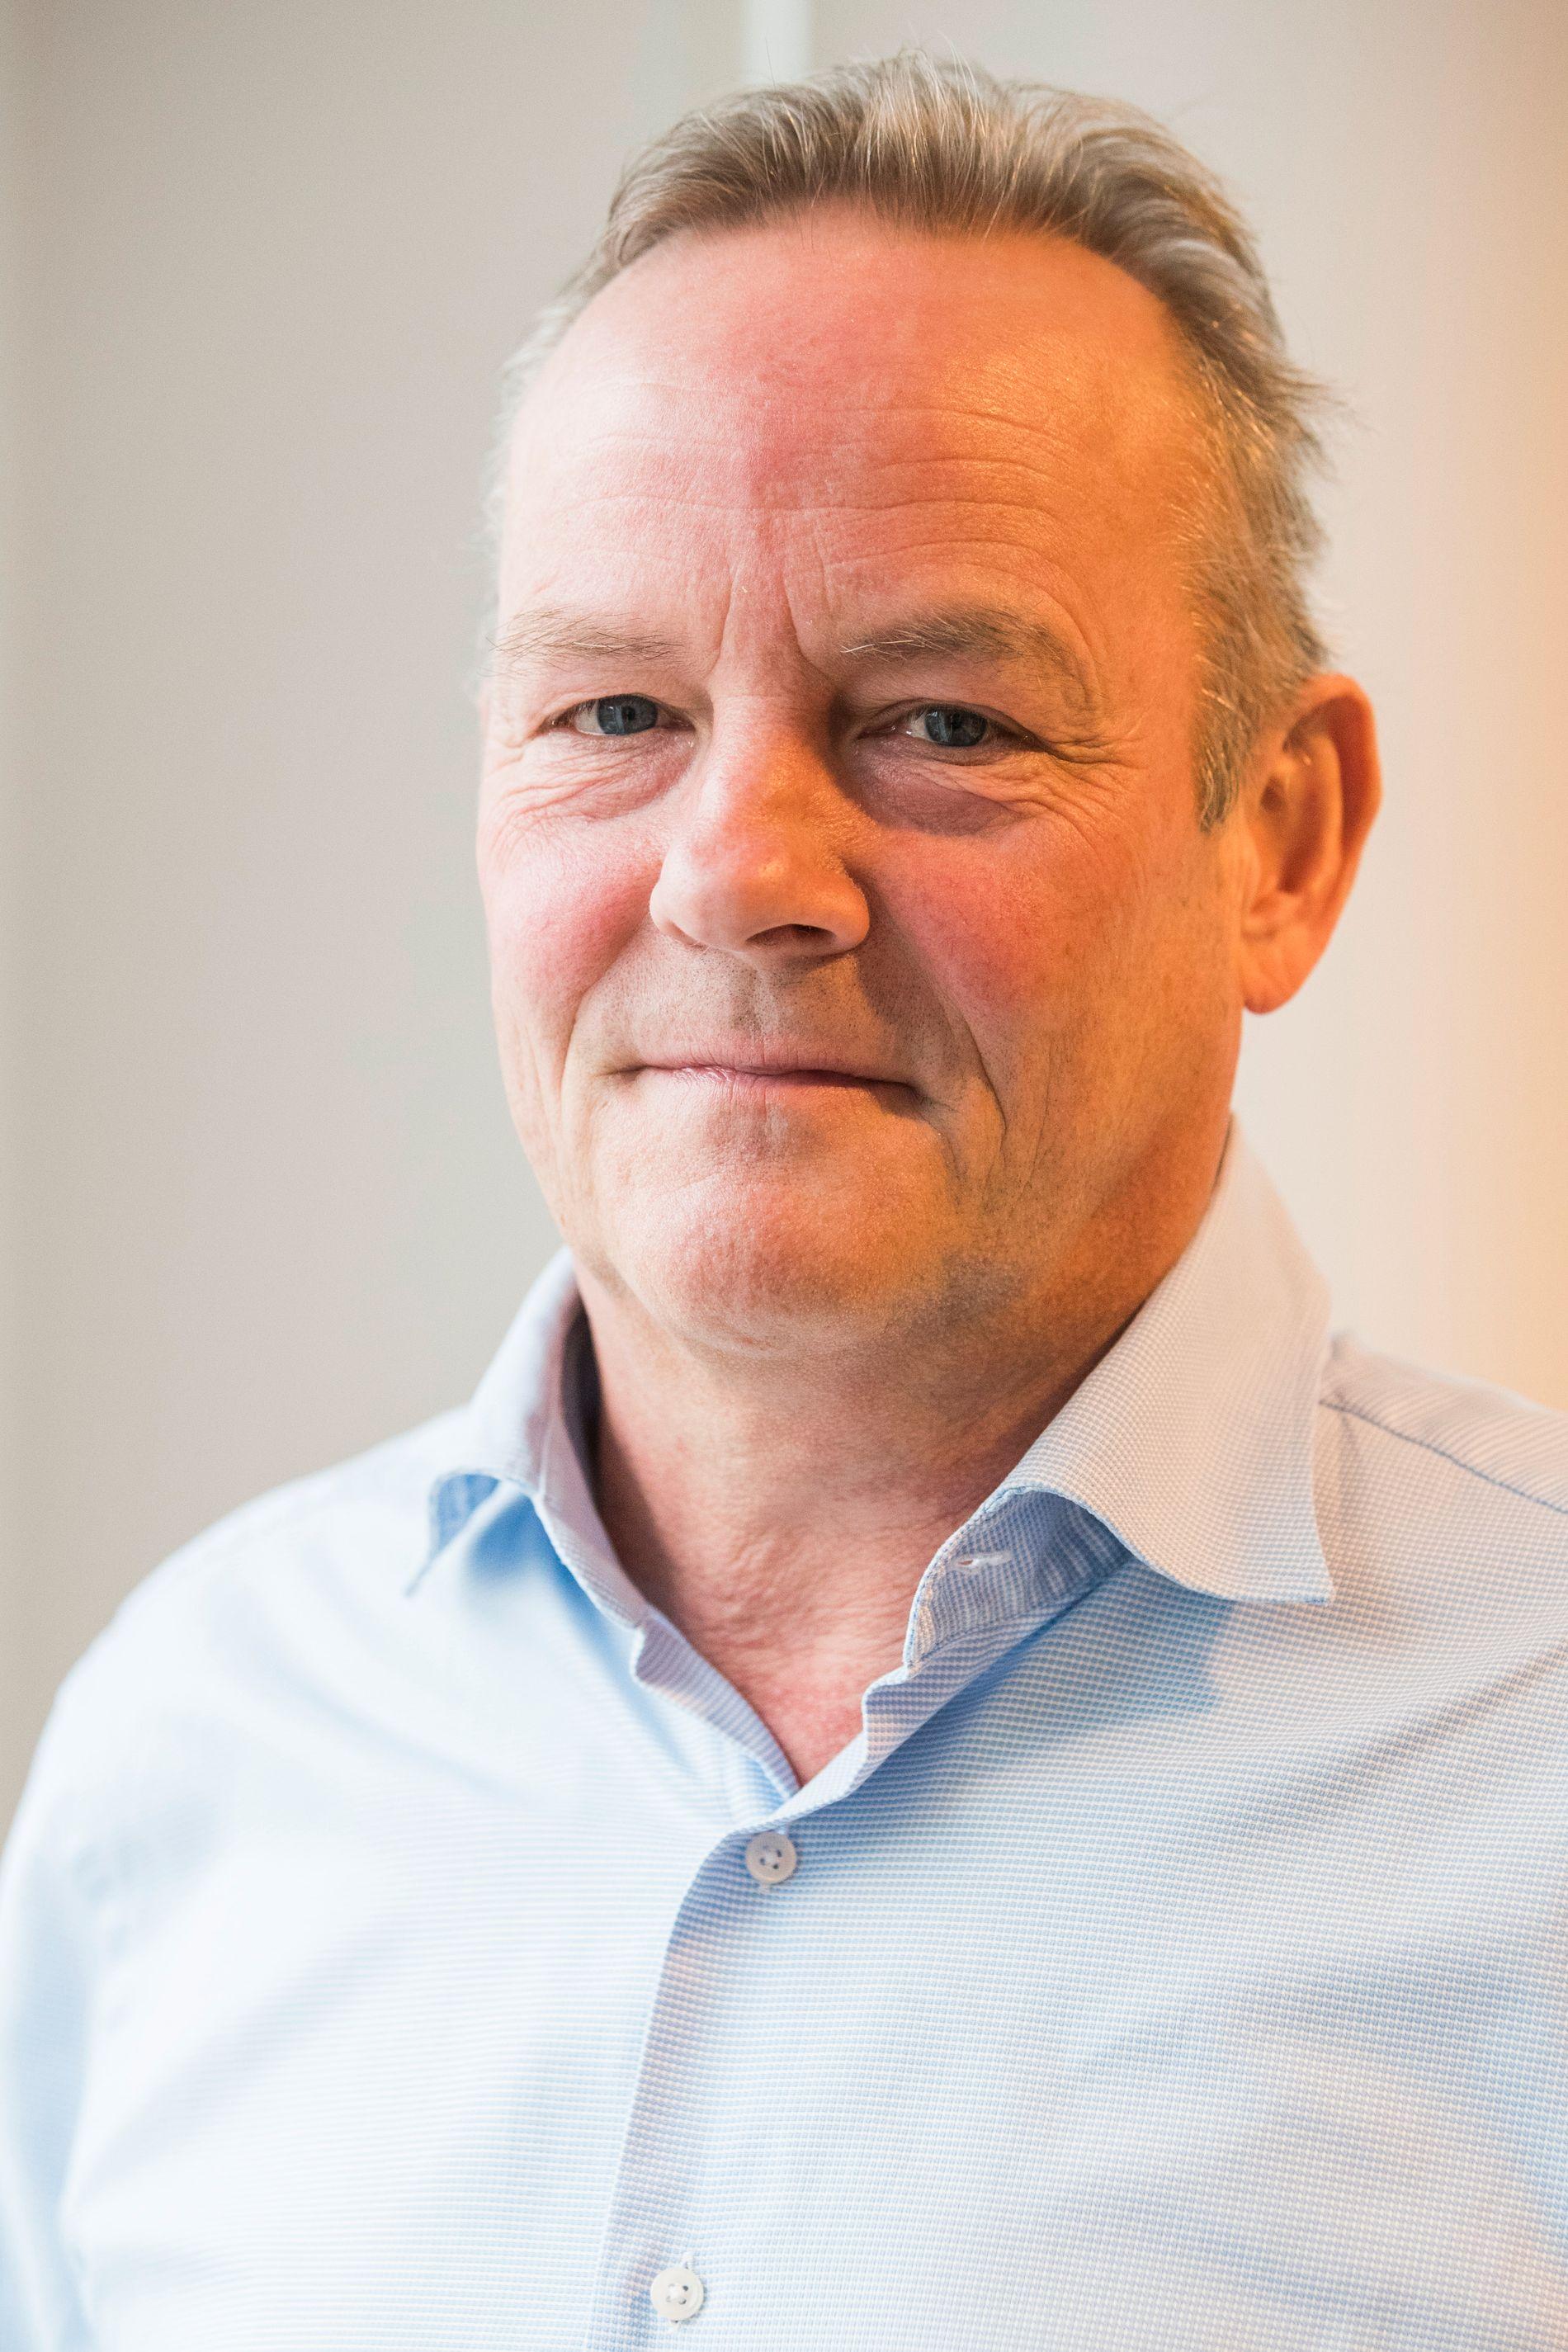 Kommunikasjonsdirektør i Gjensidige, Øystein Thoresen.